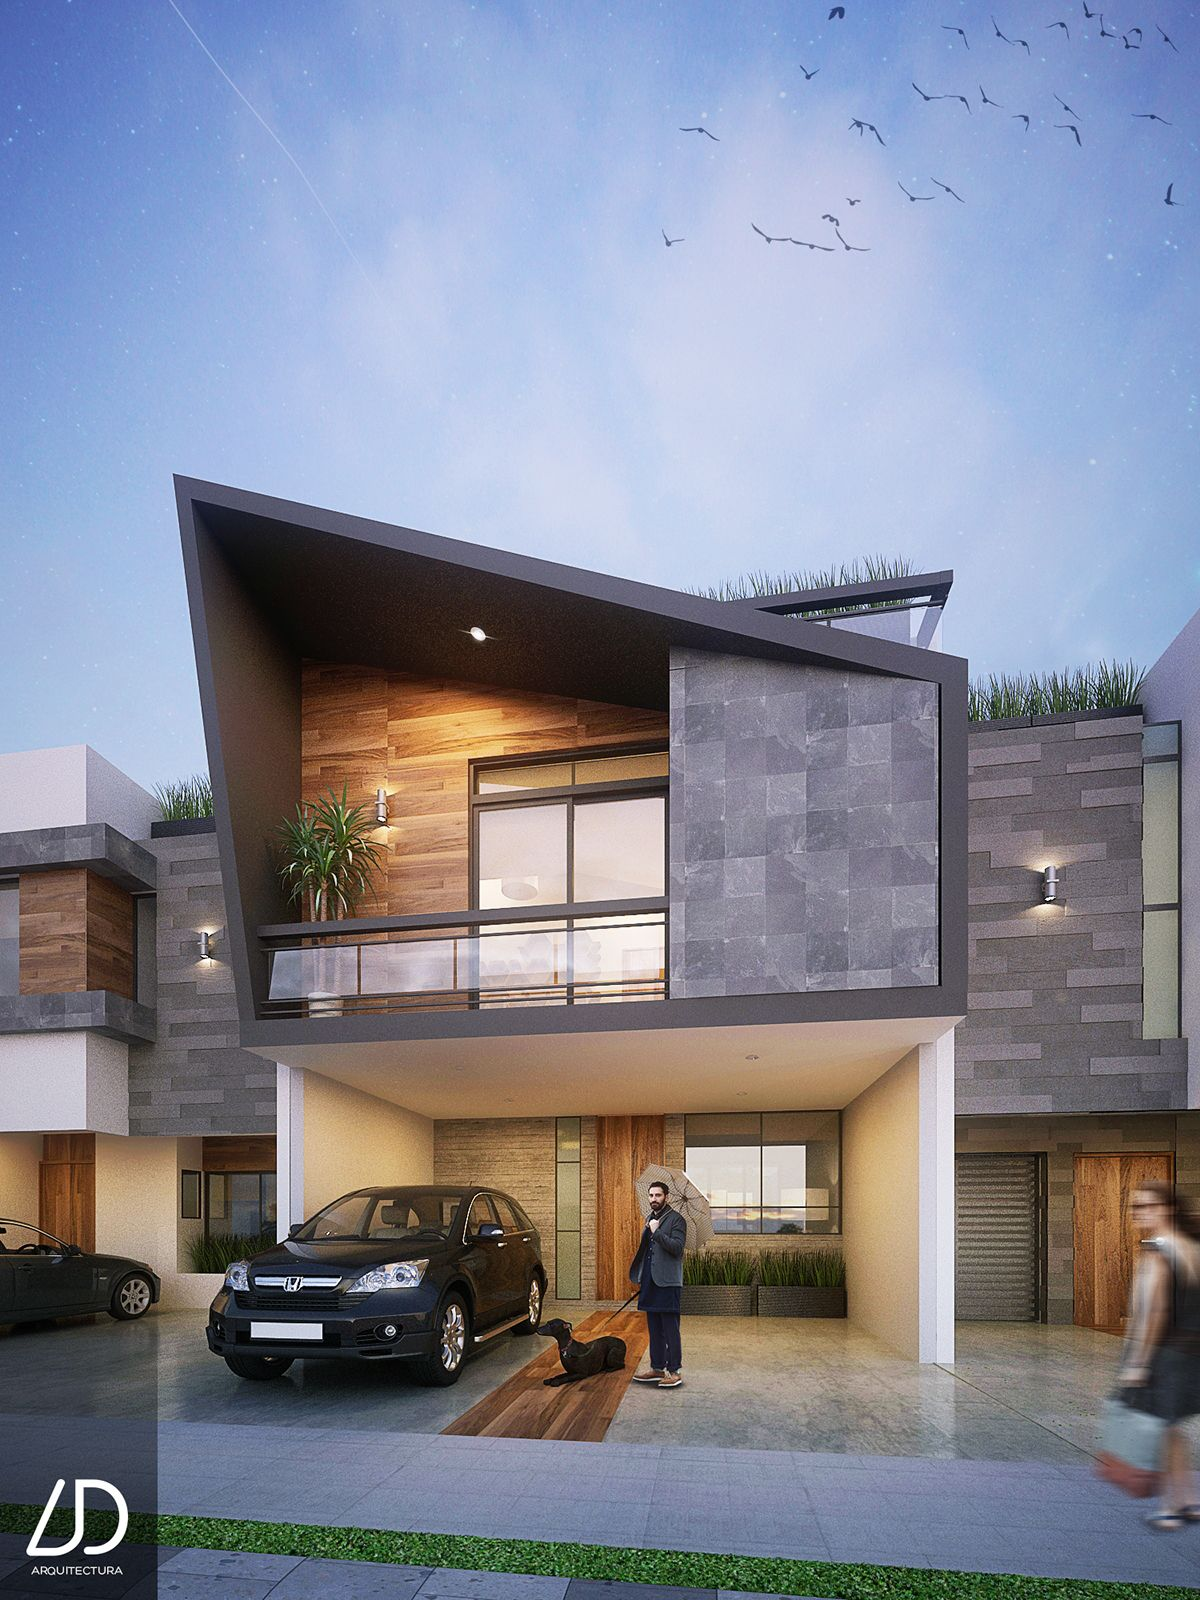 Arquitectura Fachadas De Casas Modernas Casas Modernas: Fachadas De Casas Modernas, Casa Contemporánea, Casas Modernas